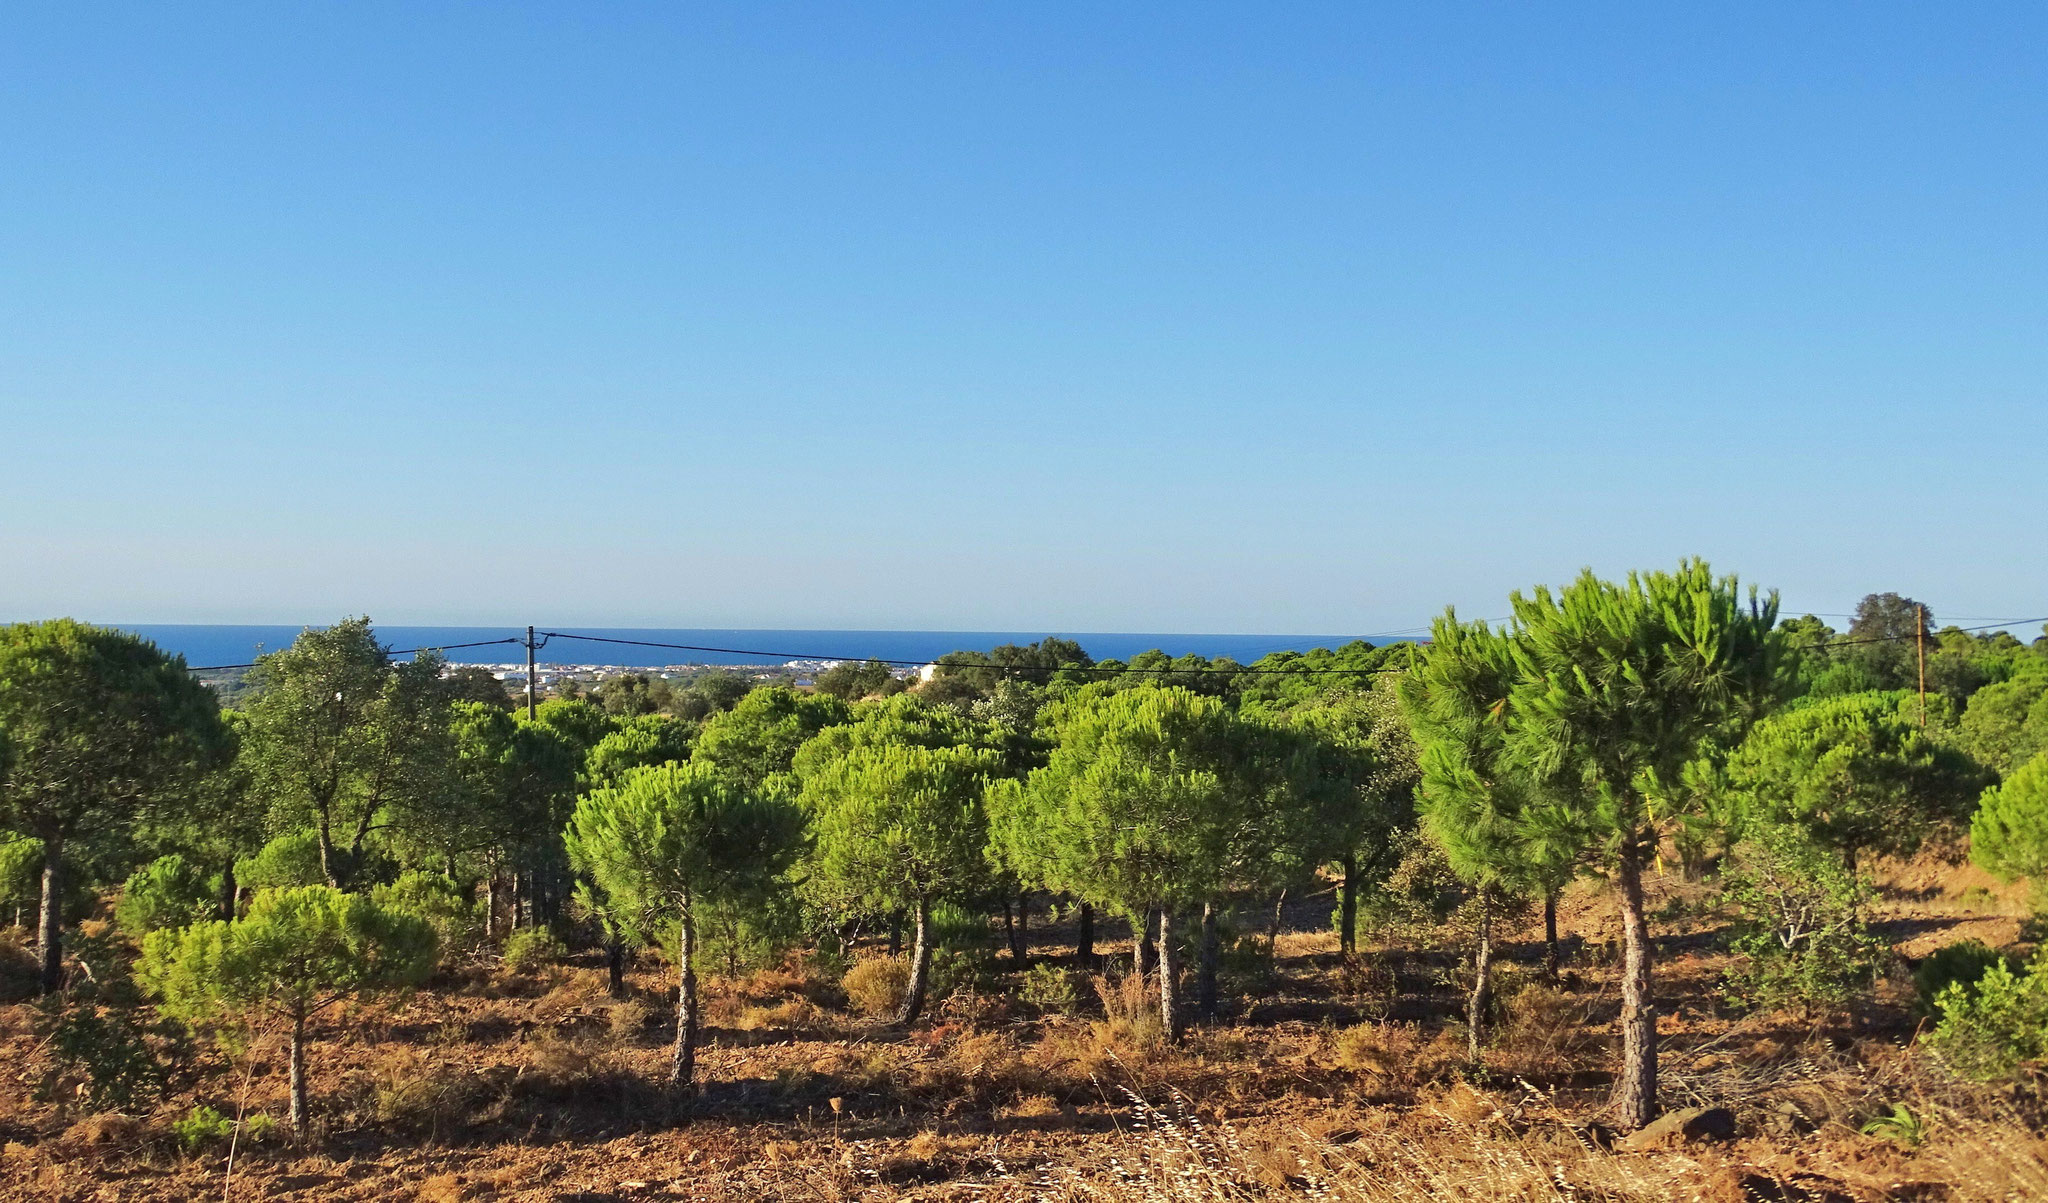 nochmal dieser tolle Kontrast der sattgrünen Schirmpinien zum Meeresblau und dem Himmel ... ich liebe das